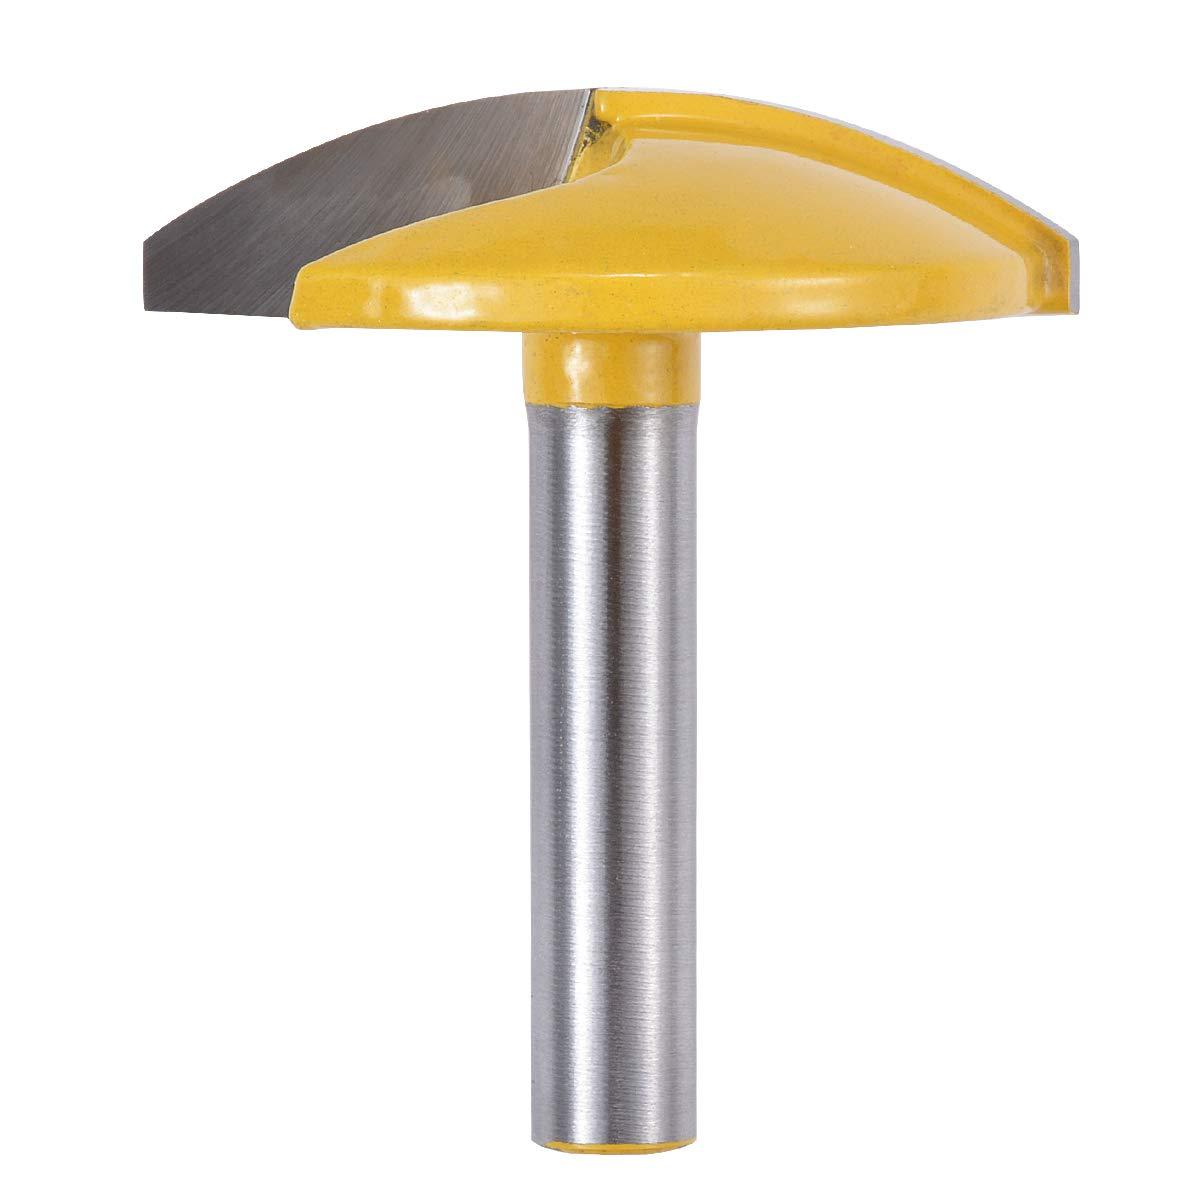 Petite toupie avec tige de 8mm Fraise pour chape tige de 8mm, largeur de 1-3//4, rayon de 1.65 KATUR Fraise horizontale pour toupie